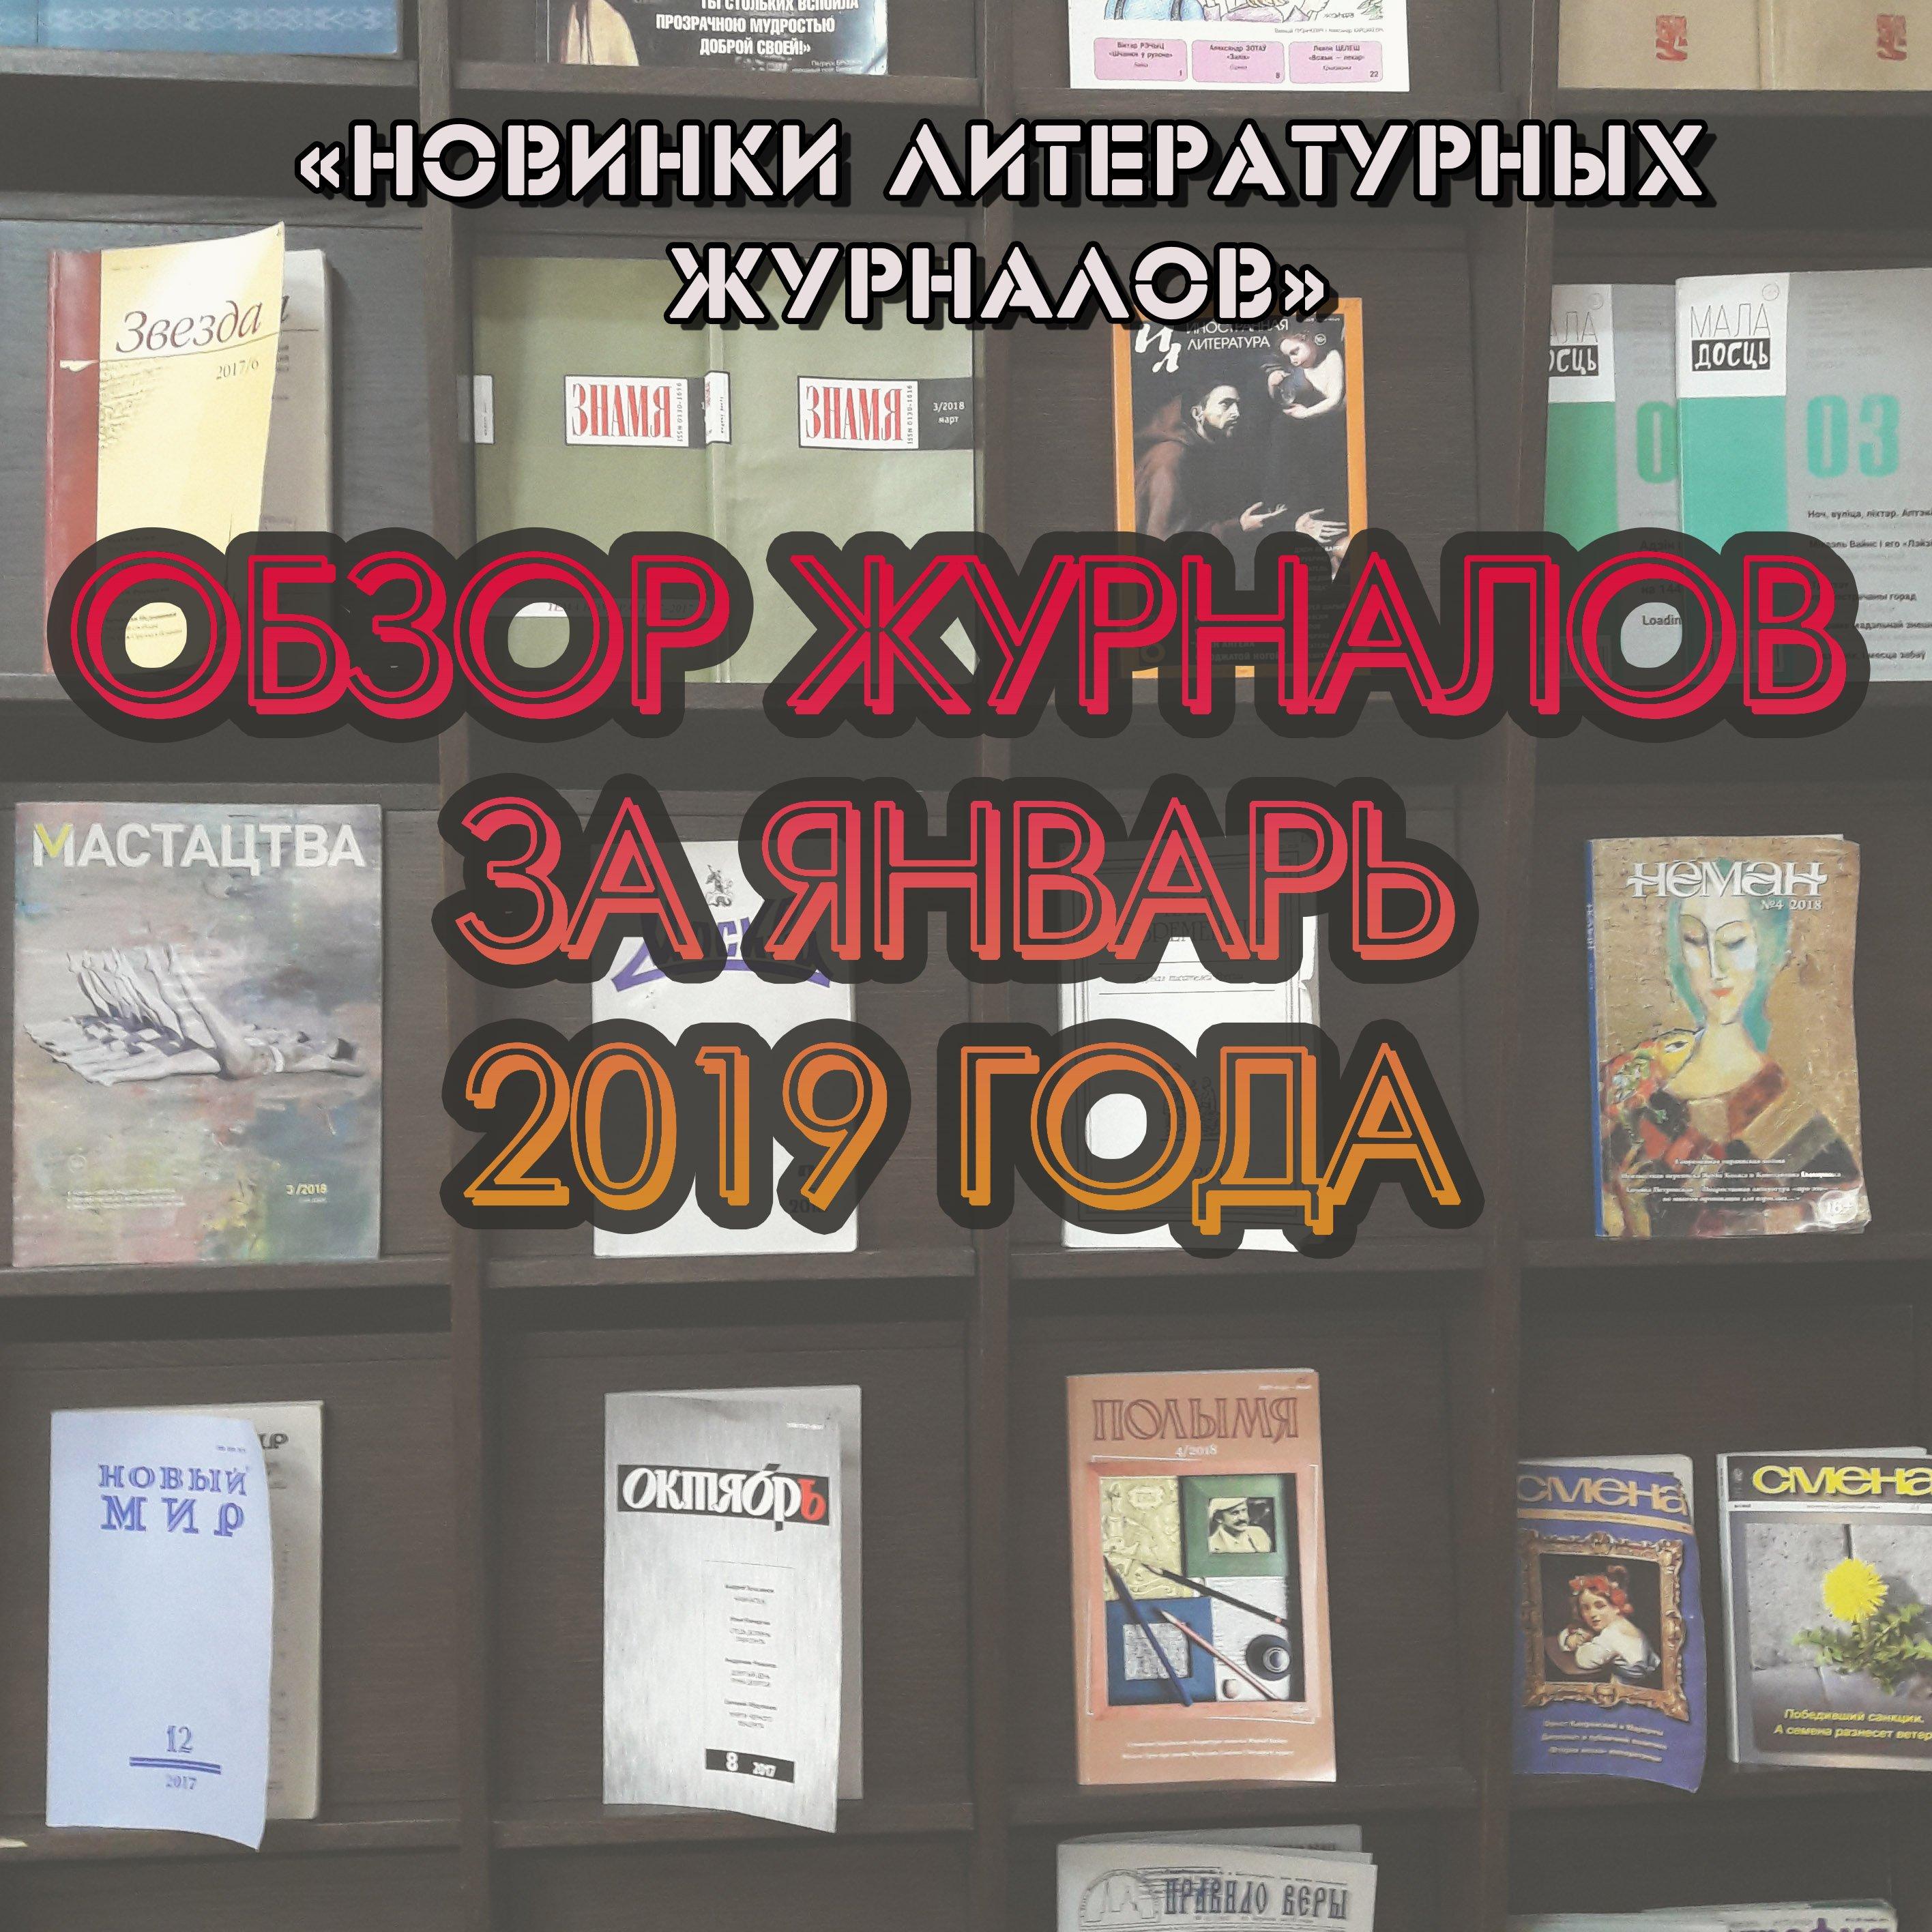 Новинки литературных журналов. Январь 2019 года